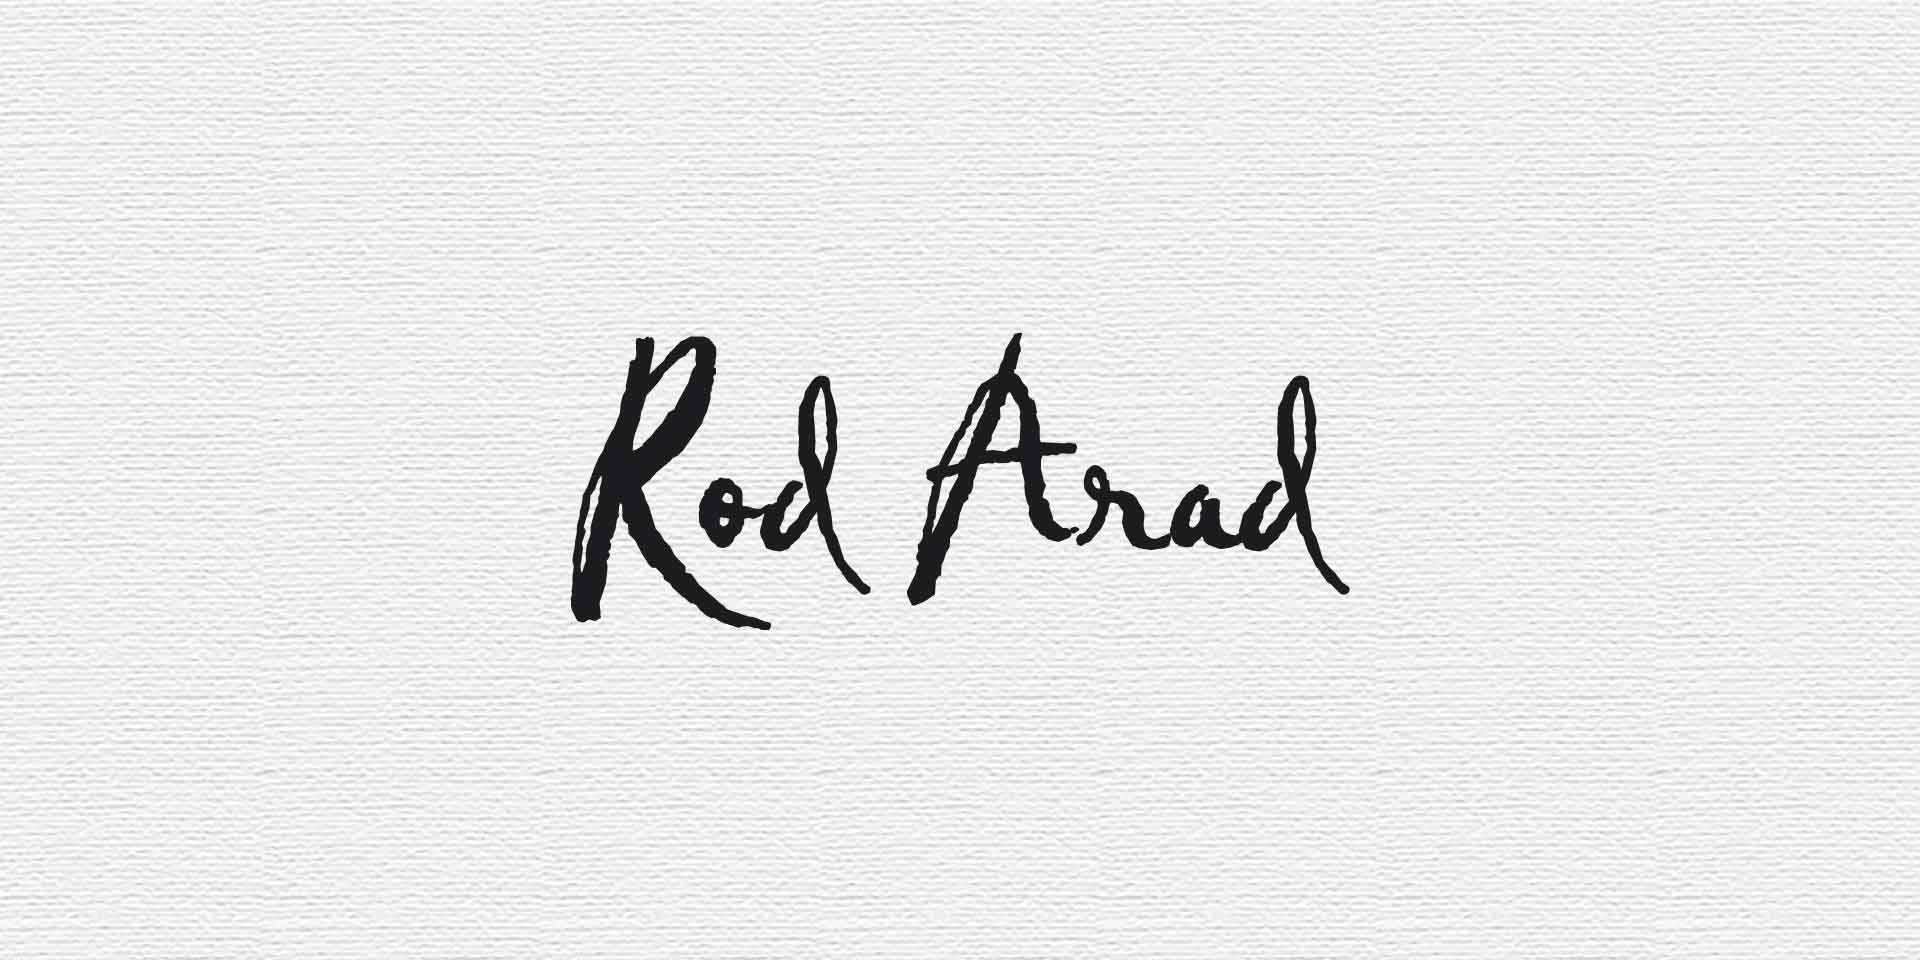 Rod Arad